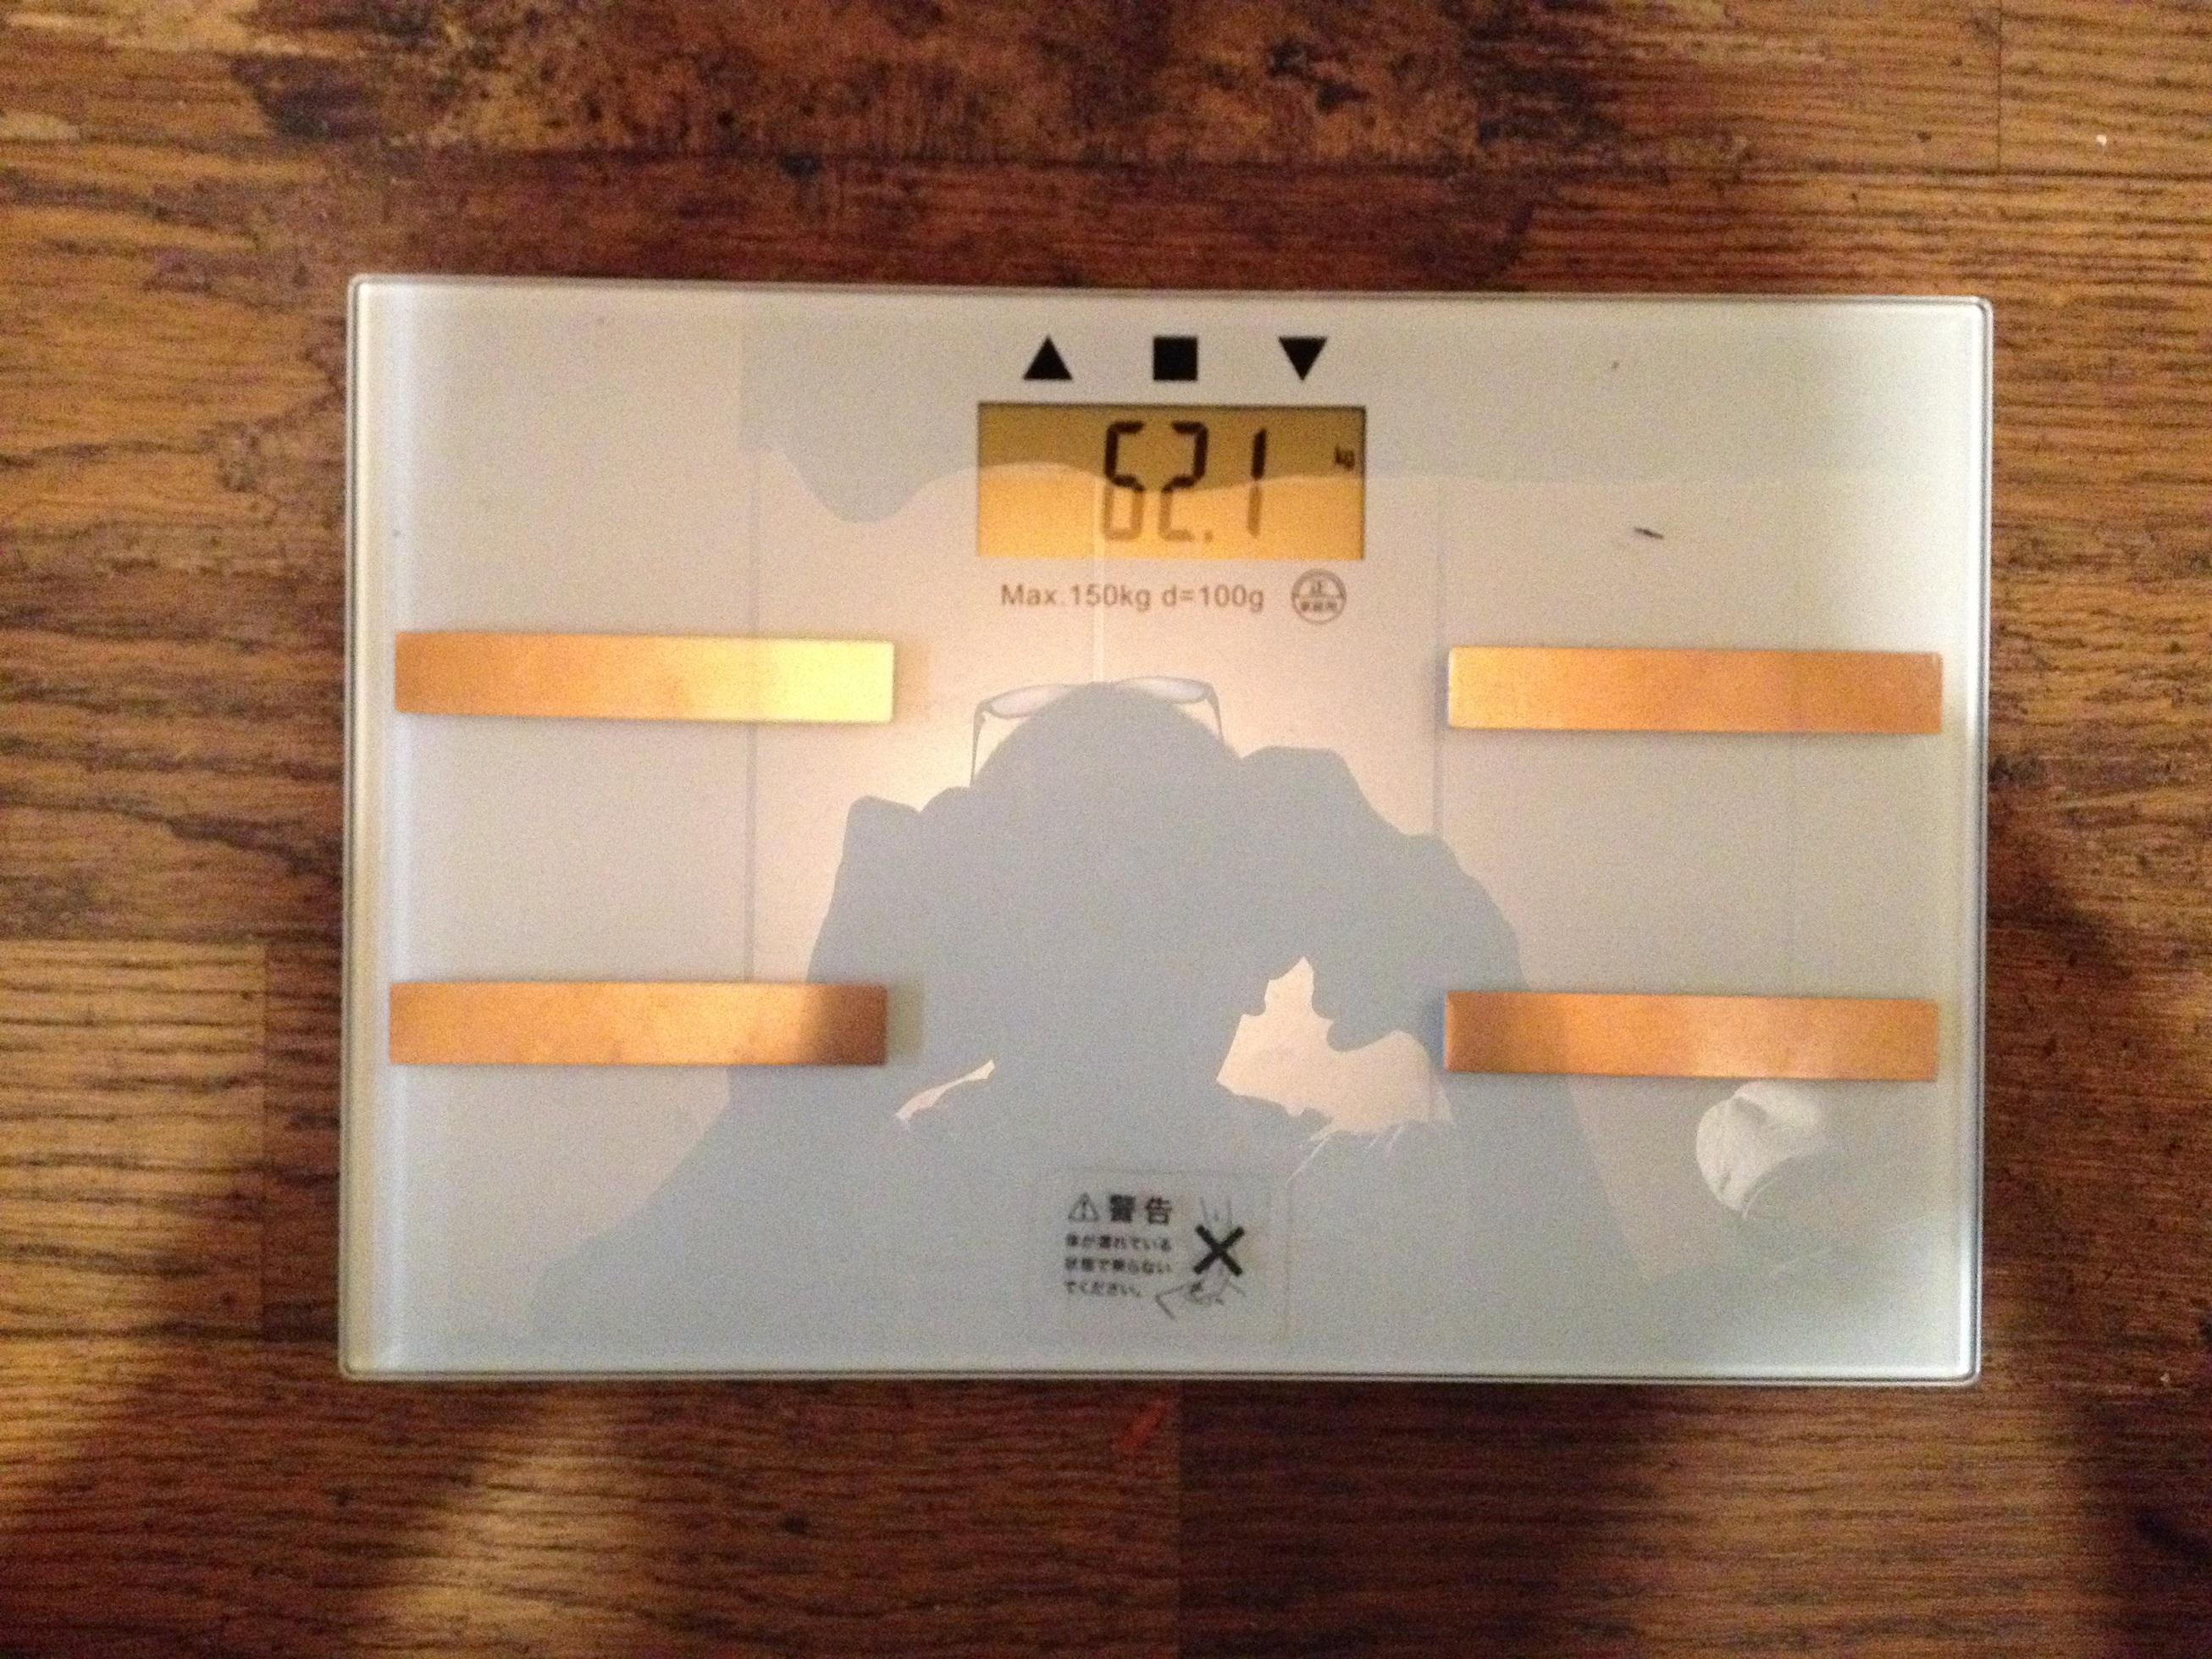 ハイテク体重計